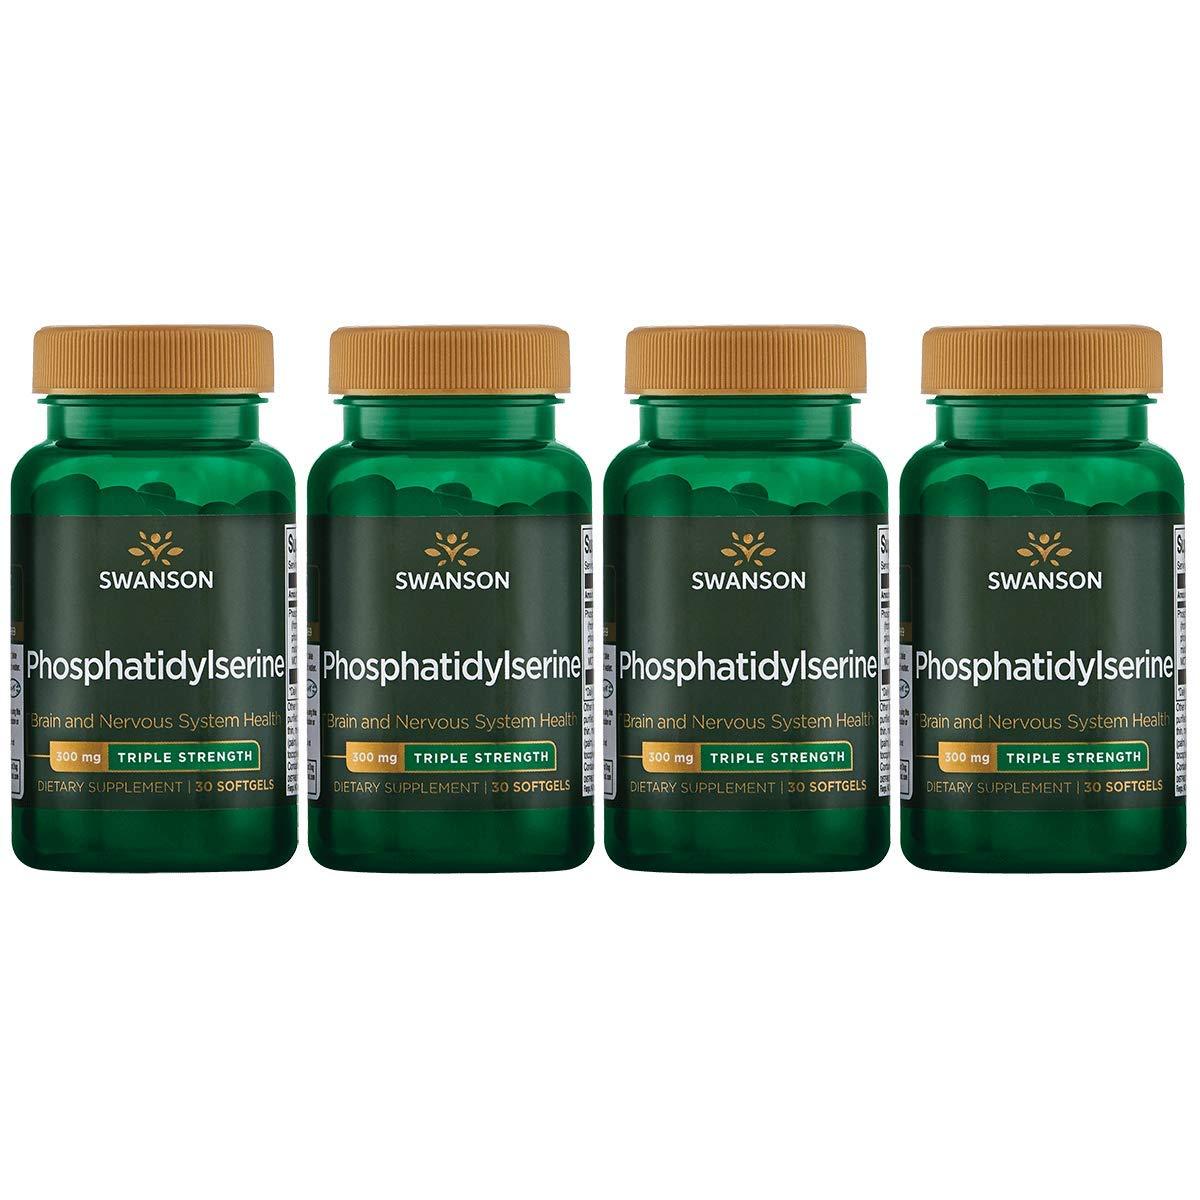 Swanson Phosphatidylserine – Triple Strength 300 mg 30 Sgels 4 Pack